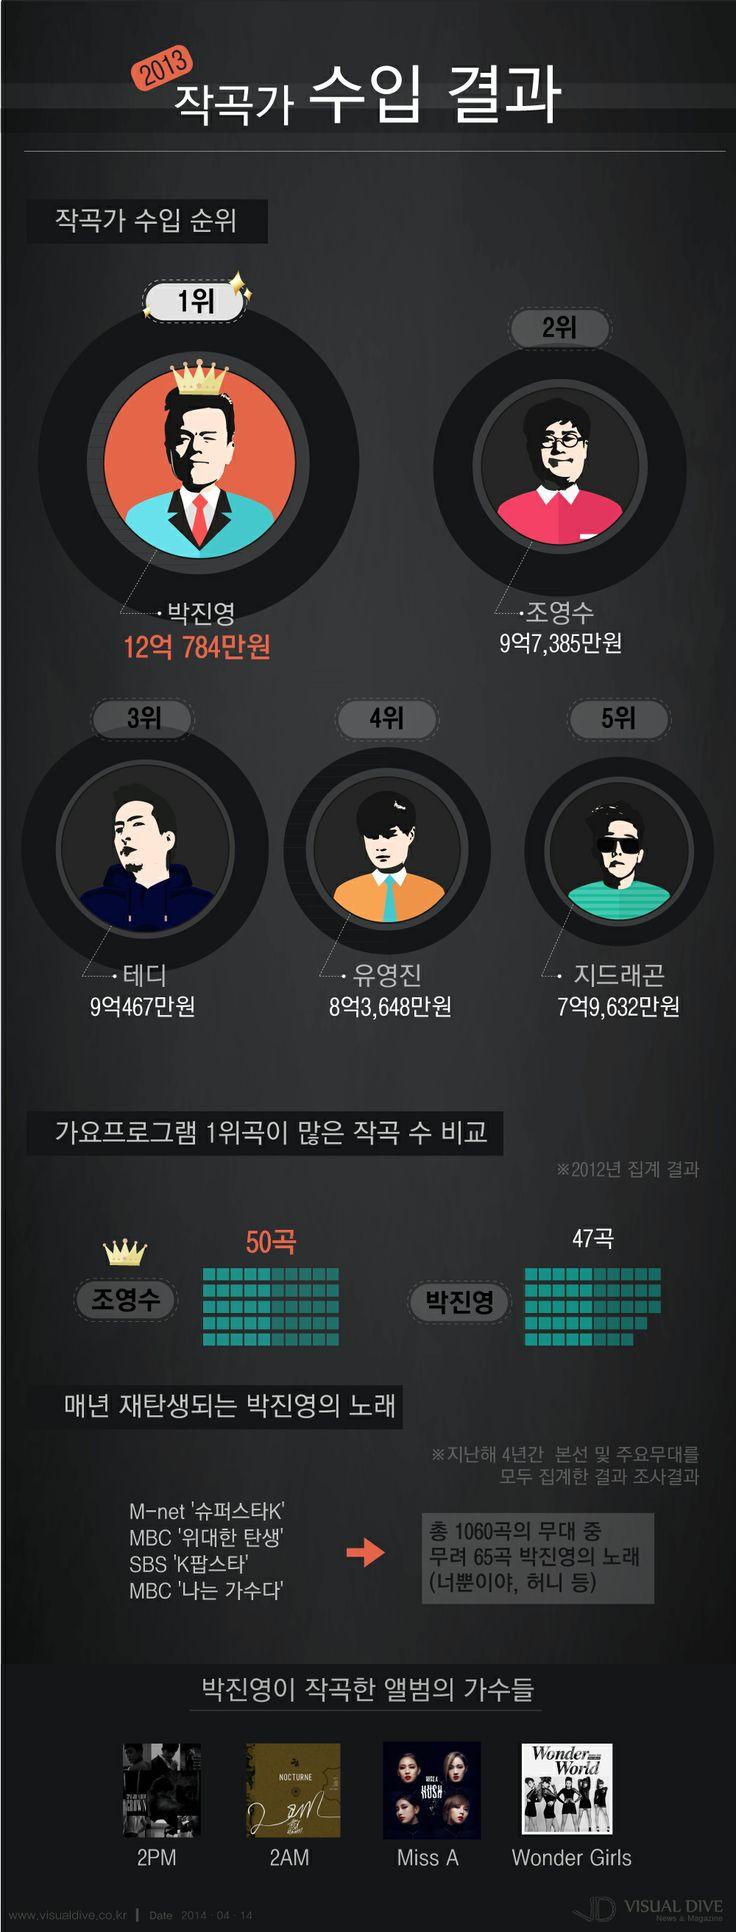 '2013년 저작권료 수입' 1위 JYP 박진영, 2위 조영수 작곡가 [인포그래픽]  #music #Infographic ⓒ 비주얼다이브 무단 복사·전재·재배포